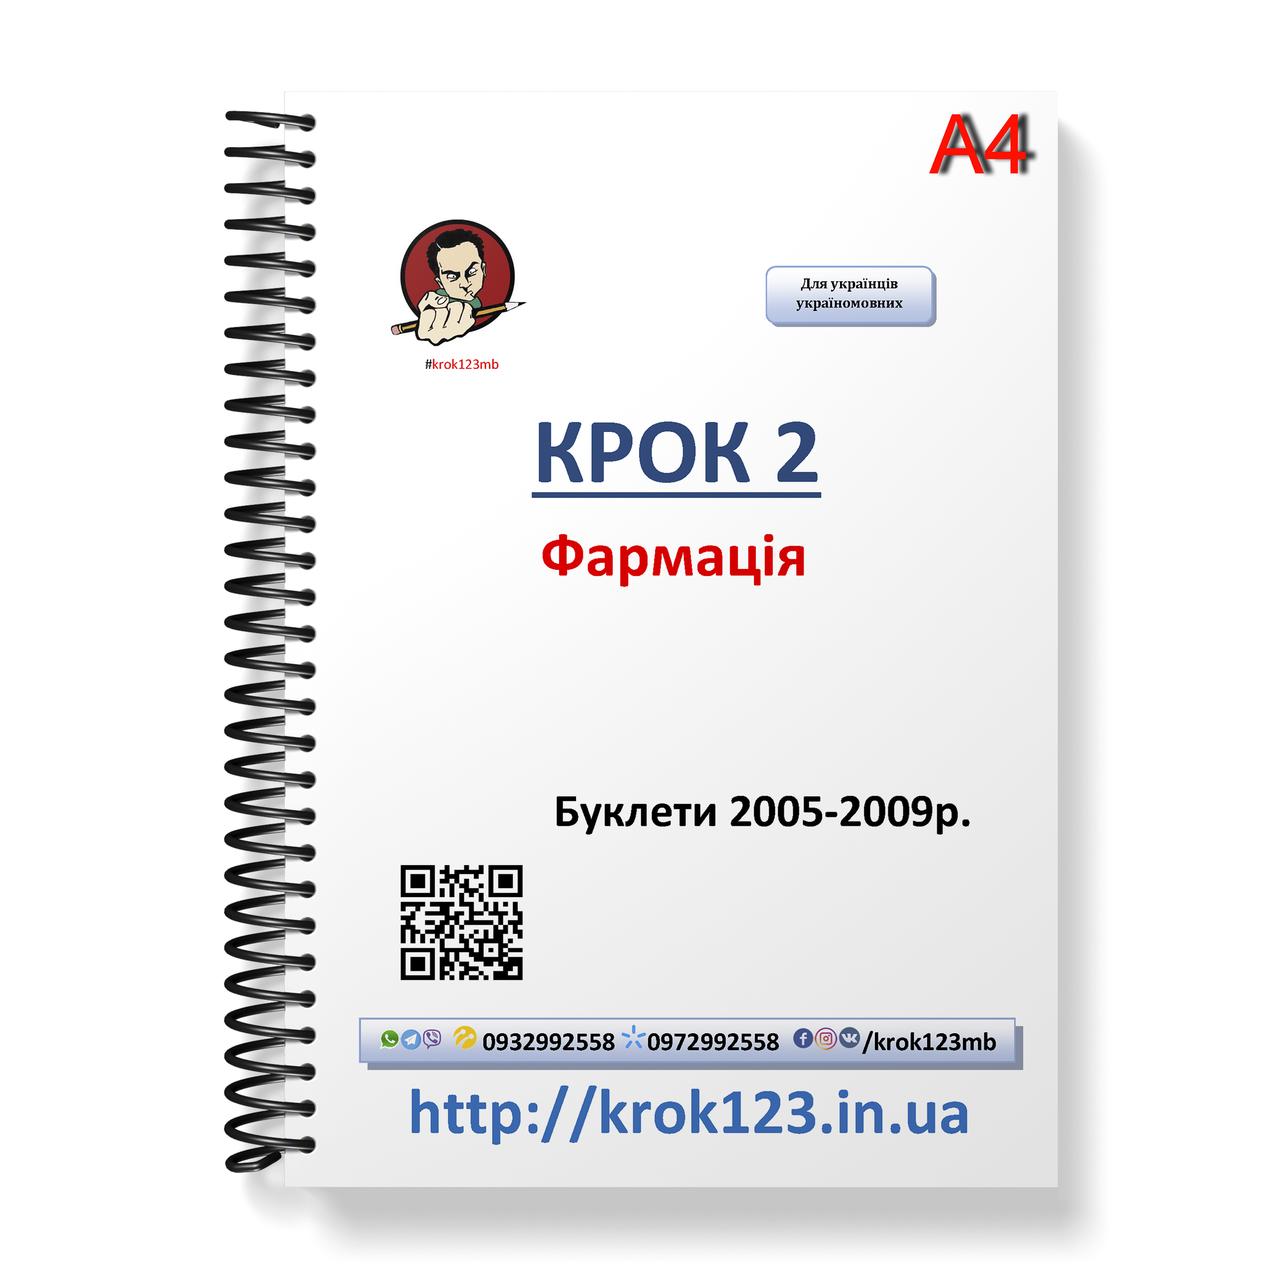 Крок 2. Фармация. Буклеты 2005-2009 . Для украинцев украиноязычных. Формат А4